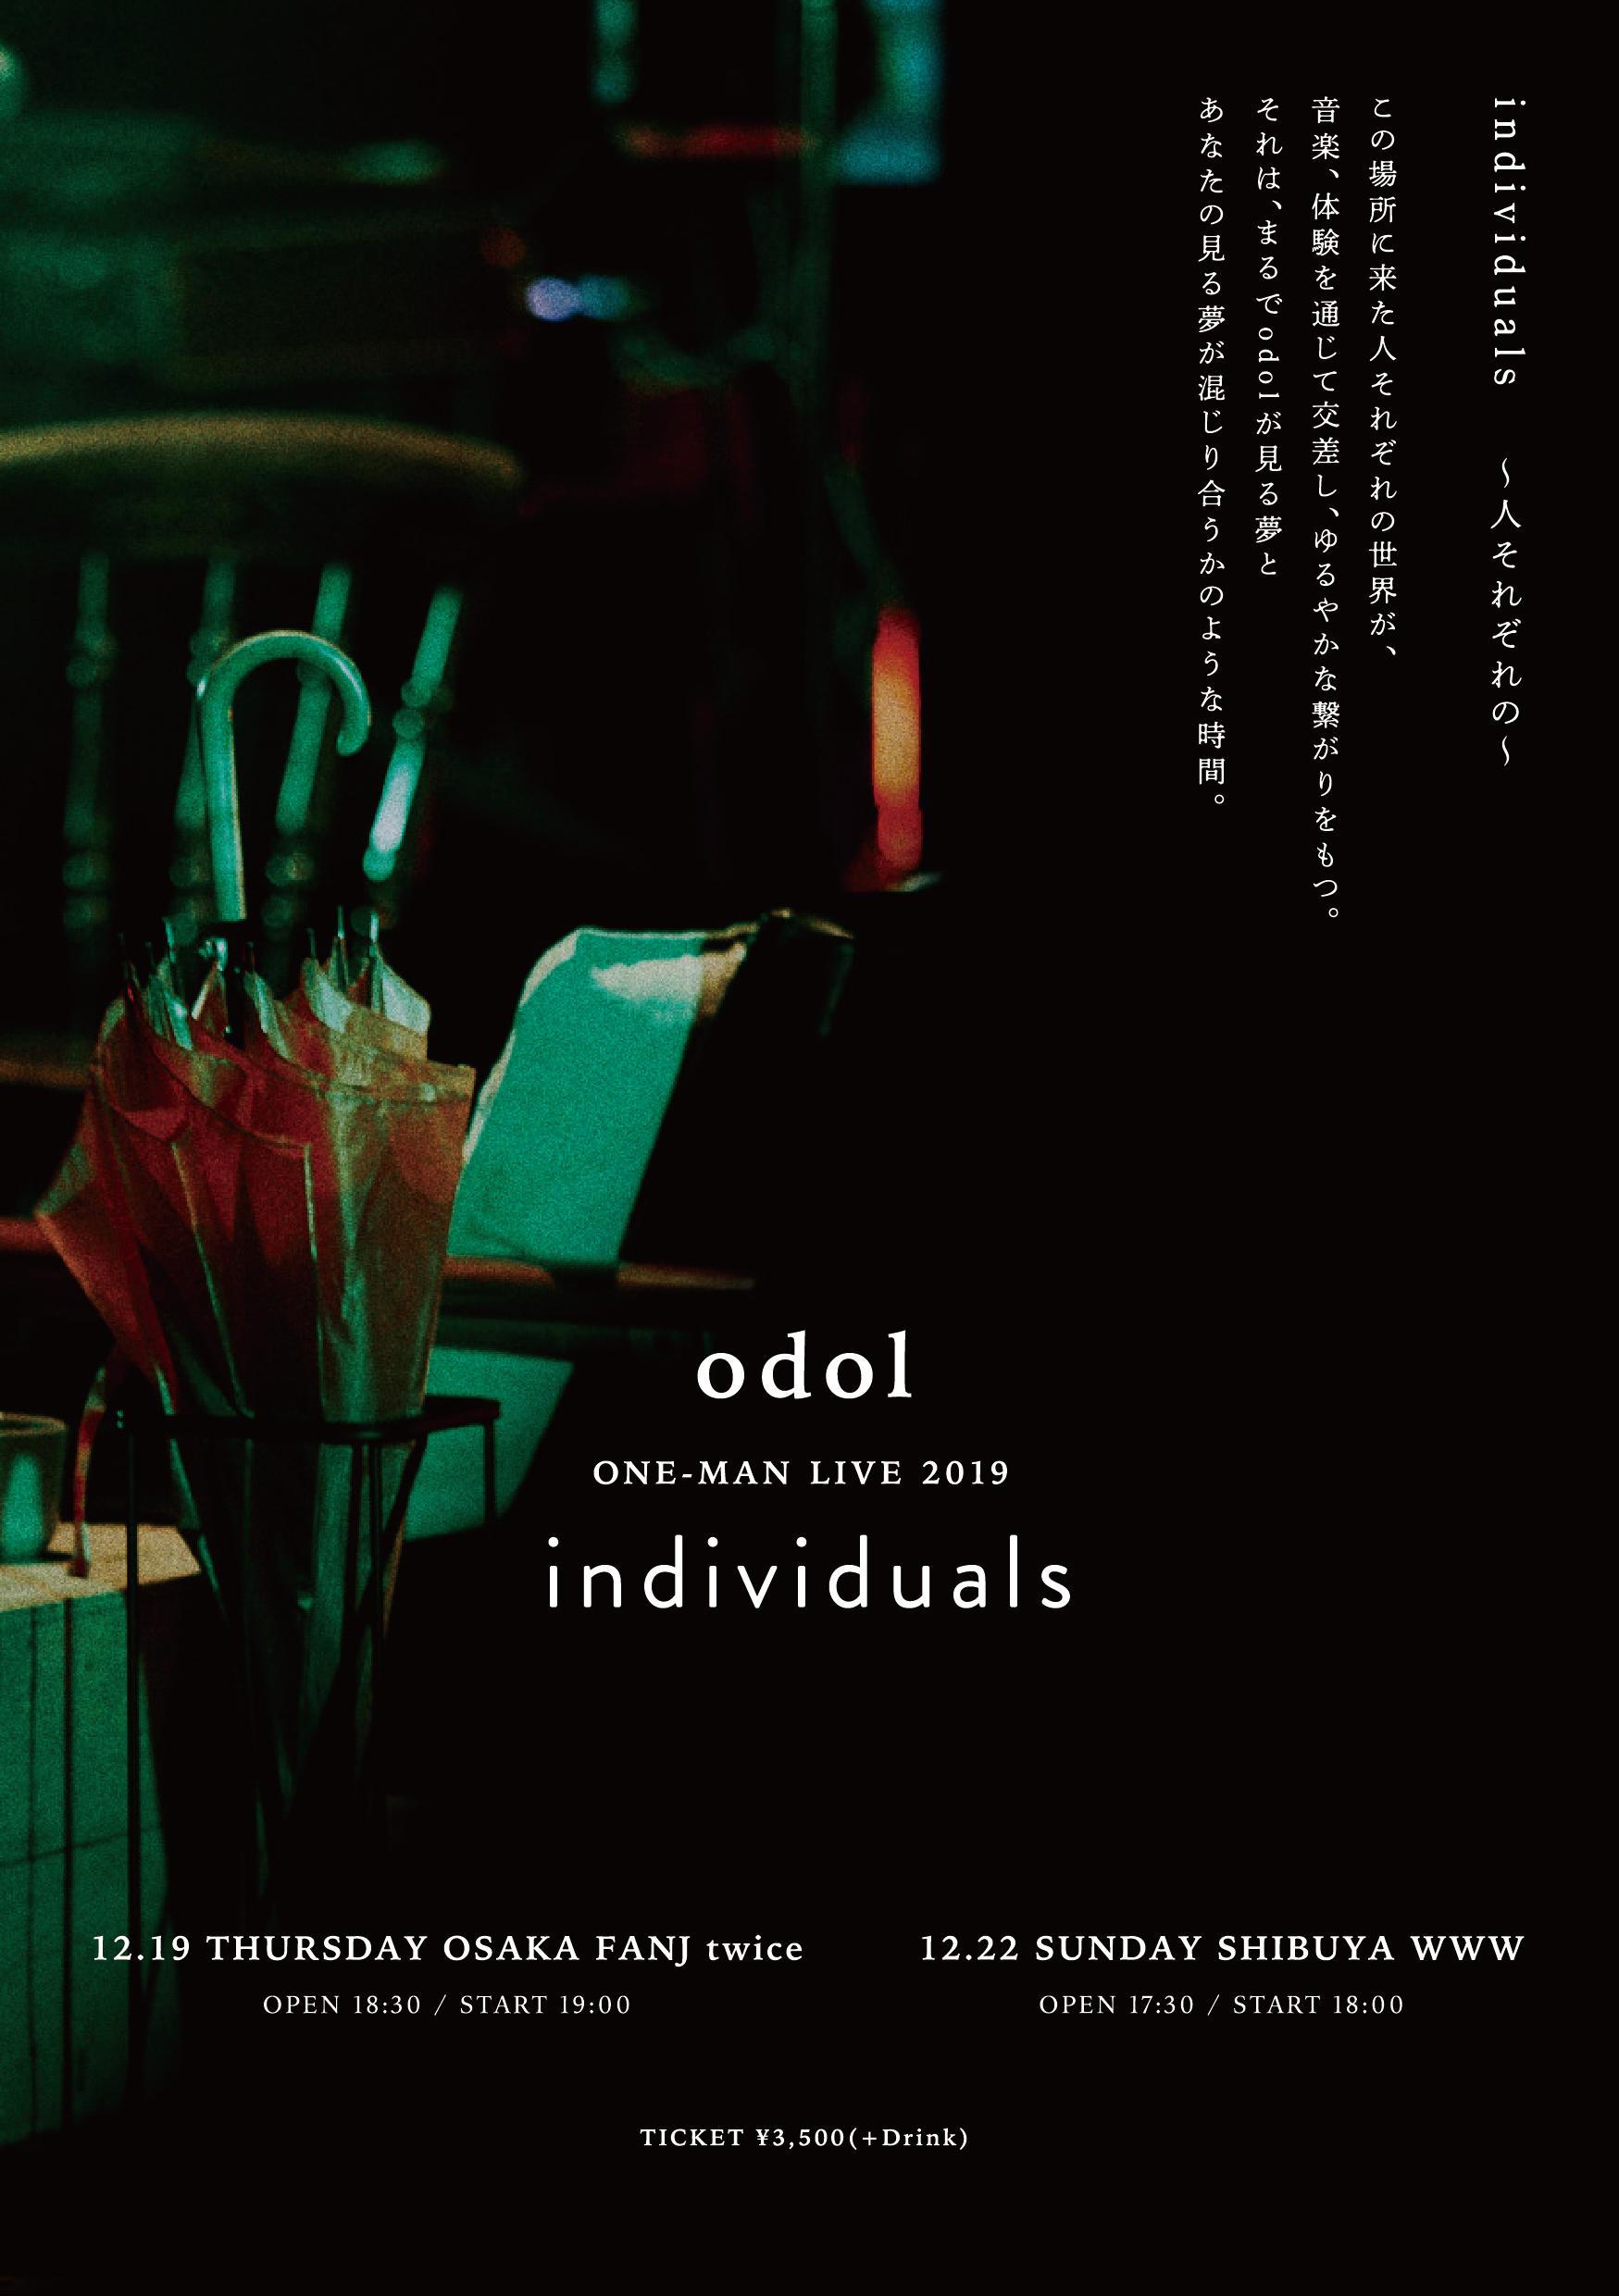 odol_individuals_a5_ok_ol.jpg